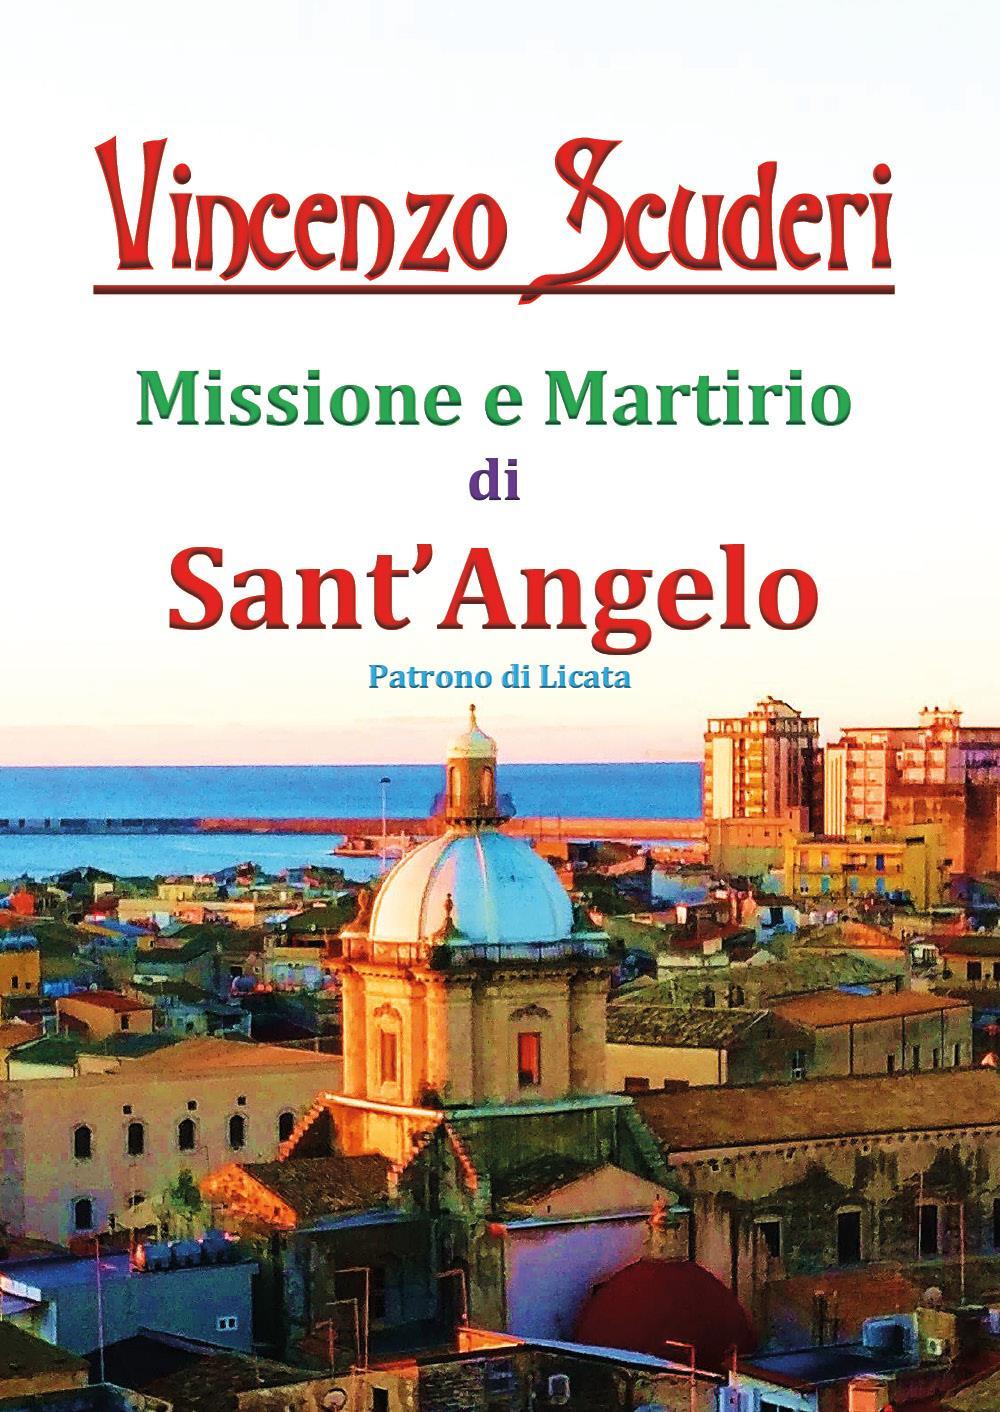 Missione e Martirio di Sant'Angelo Patrono di Licata